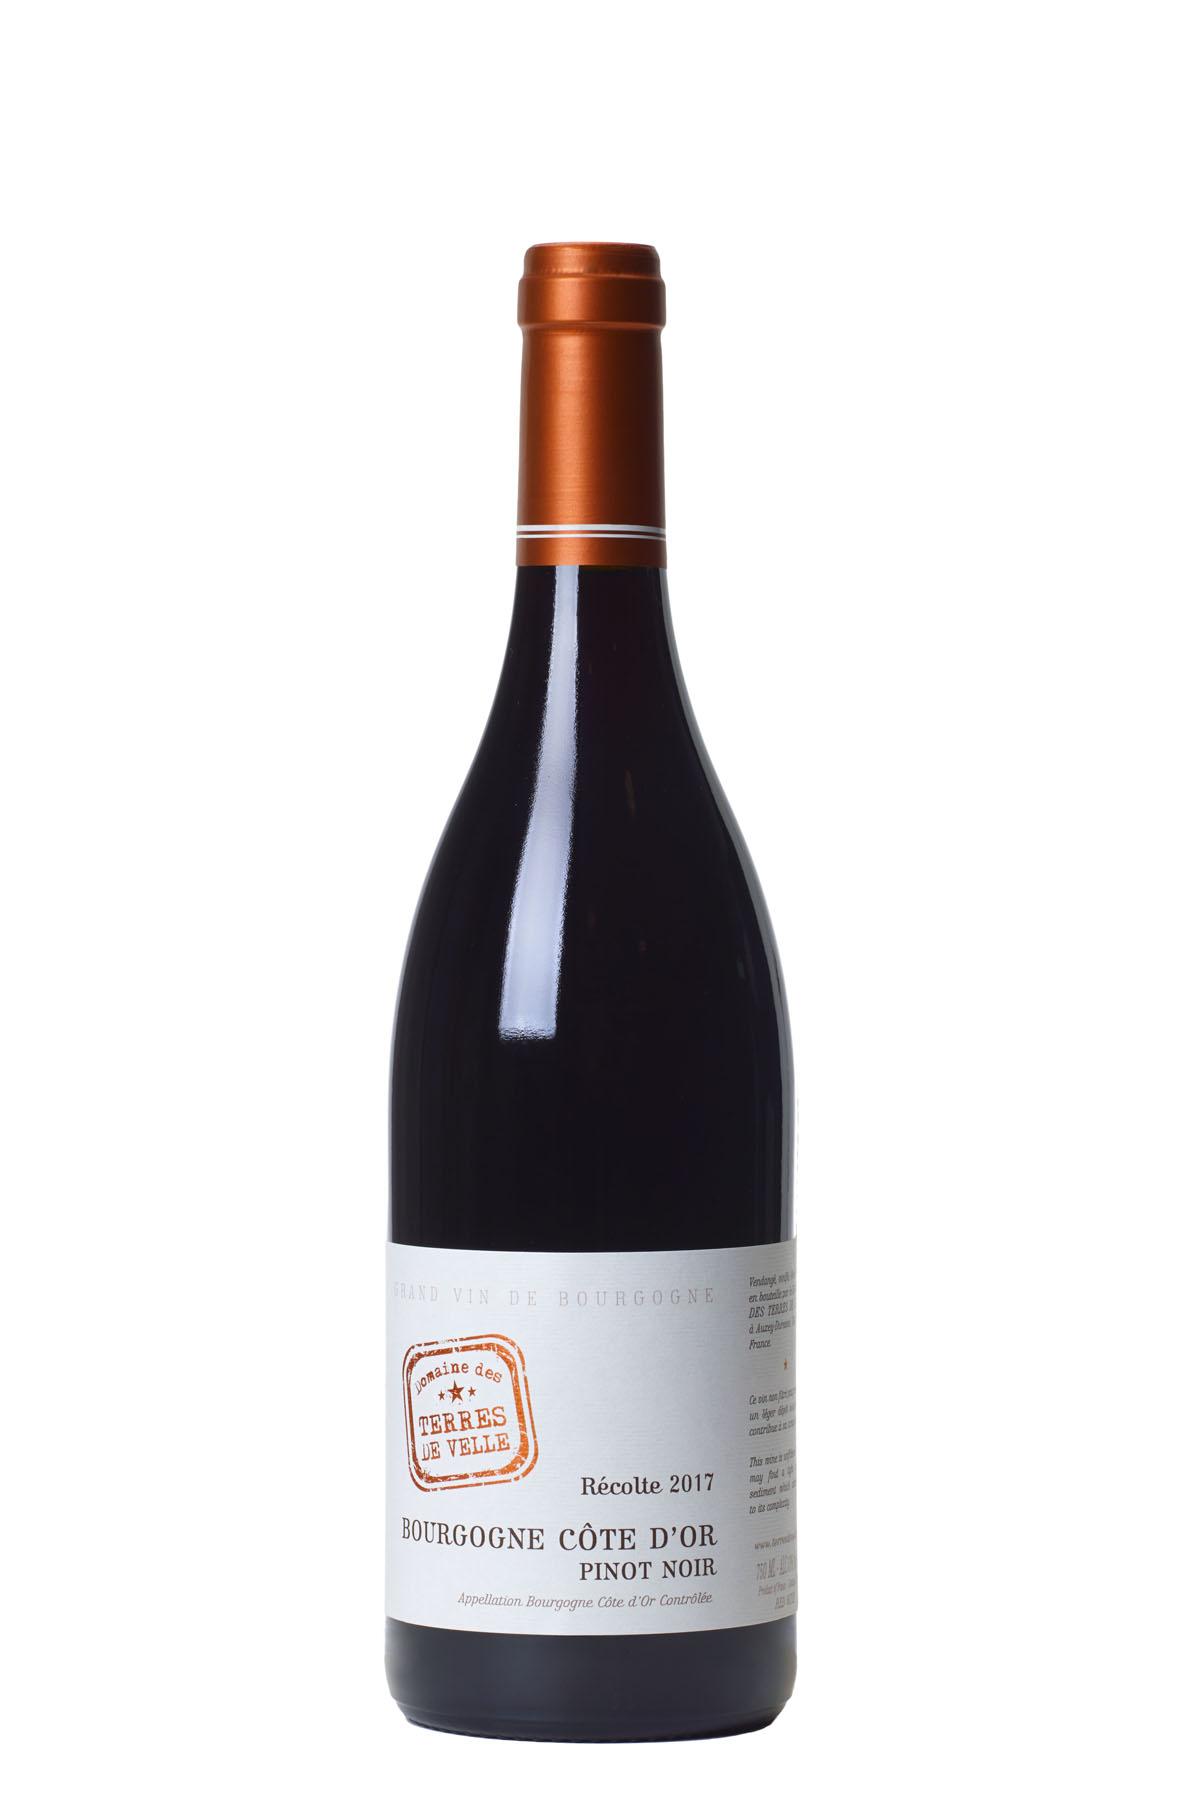 Domaine de Terres de Velle Bourgogne Côte d'Or Pinot Noir 2017